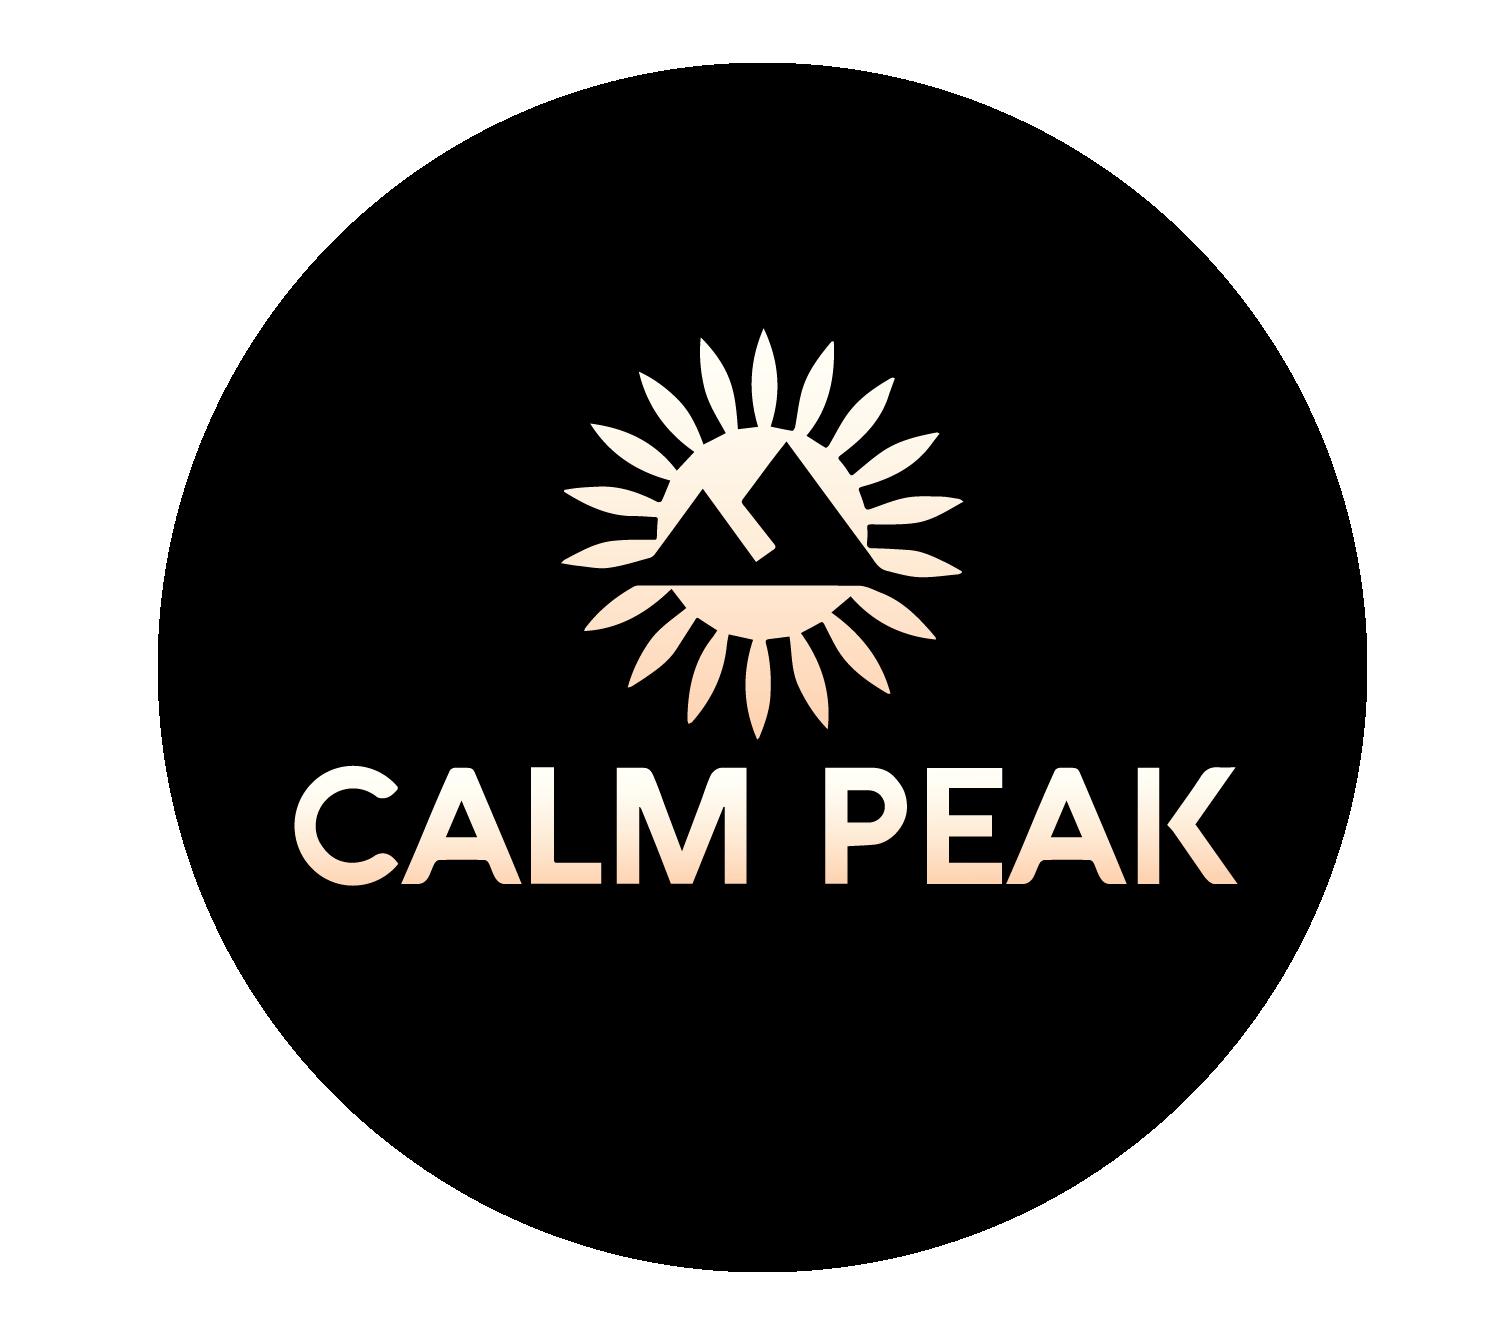 Calm Peak